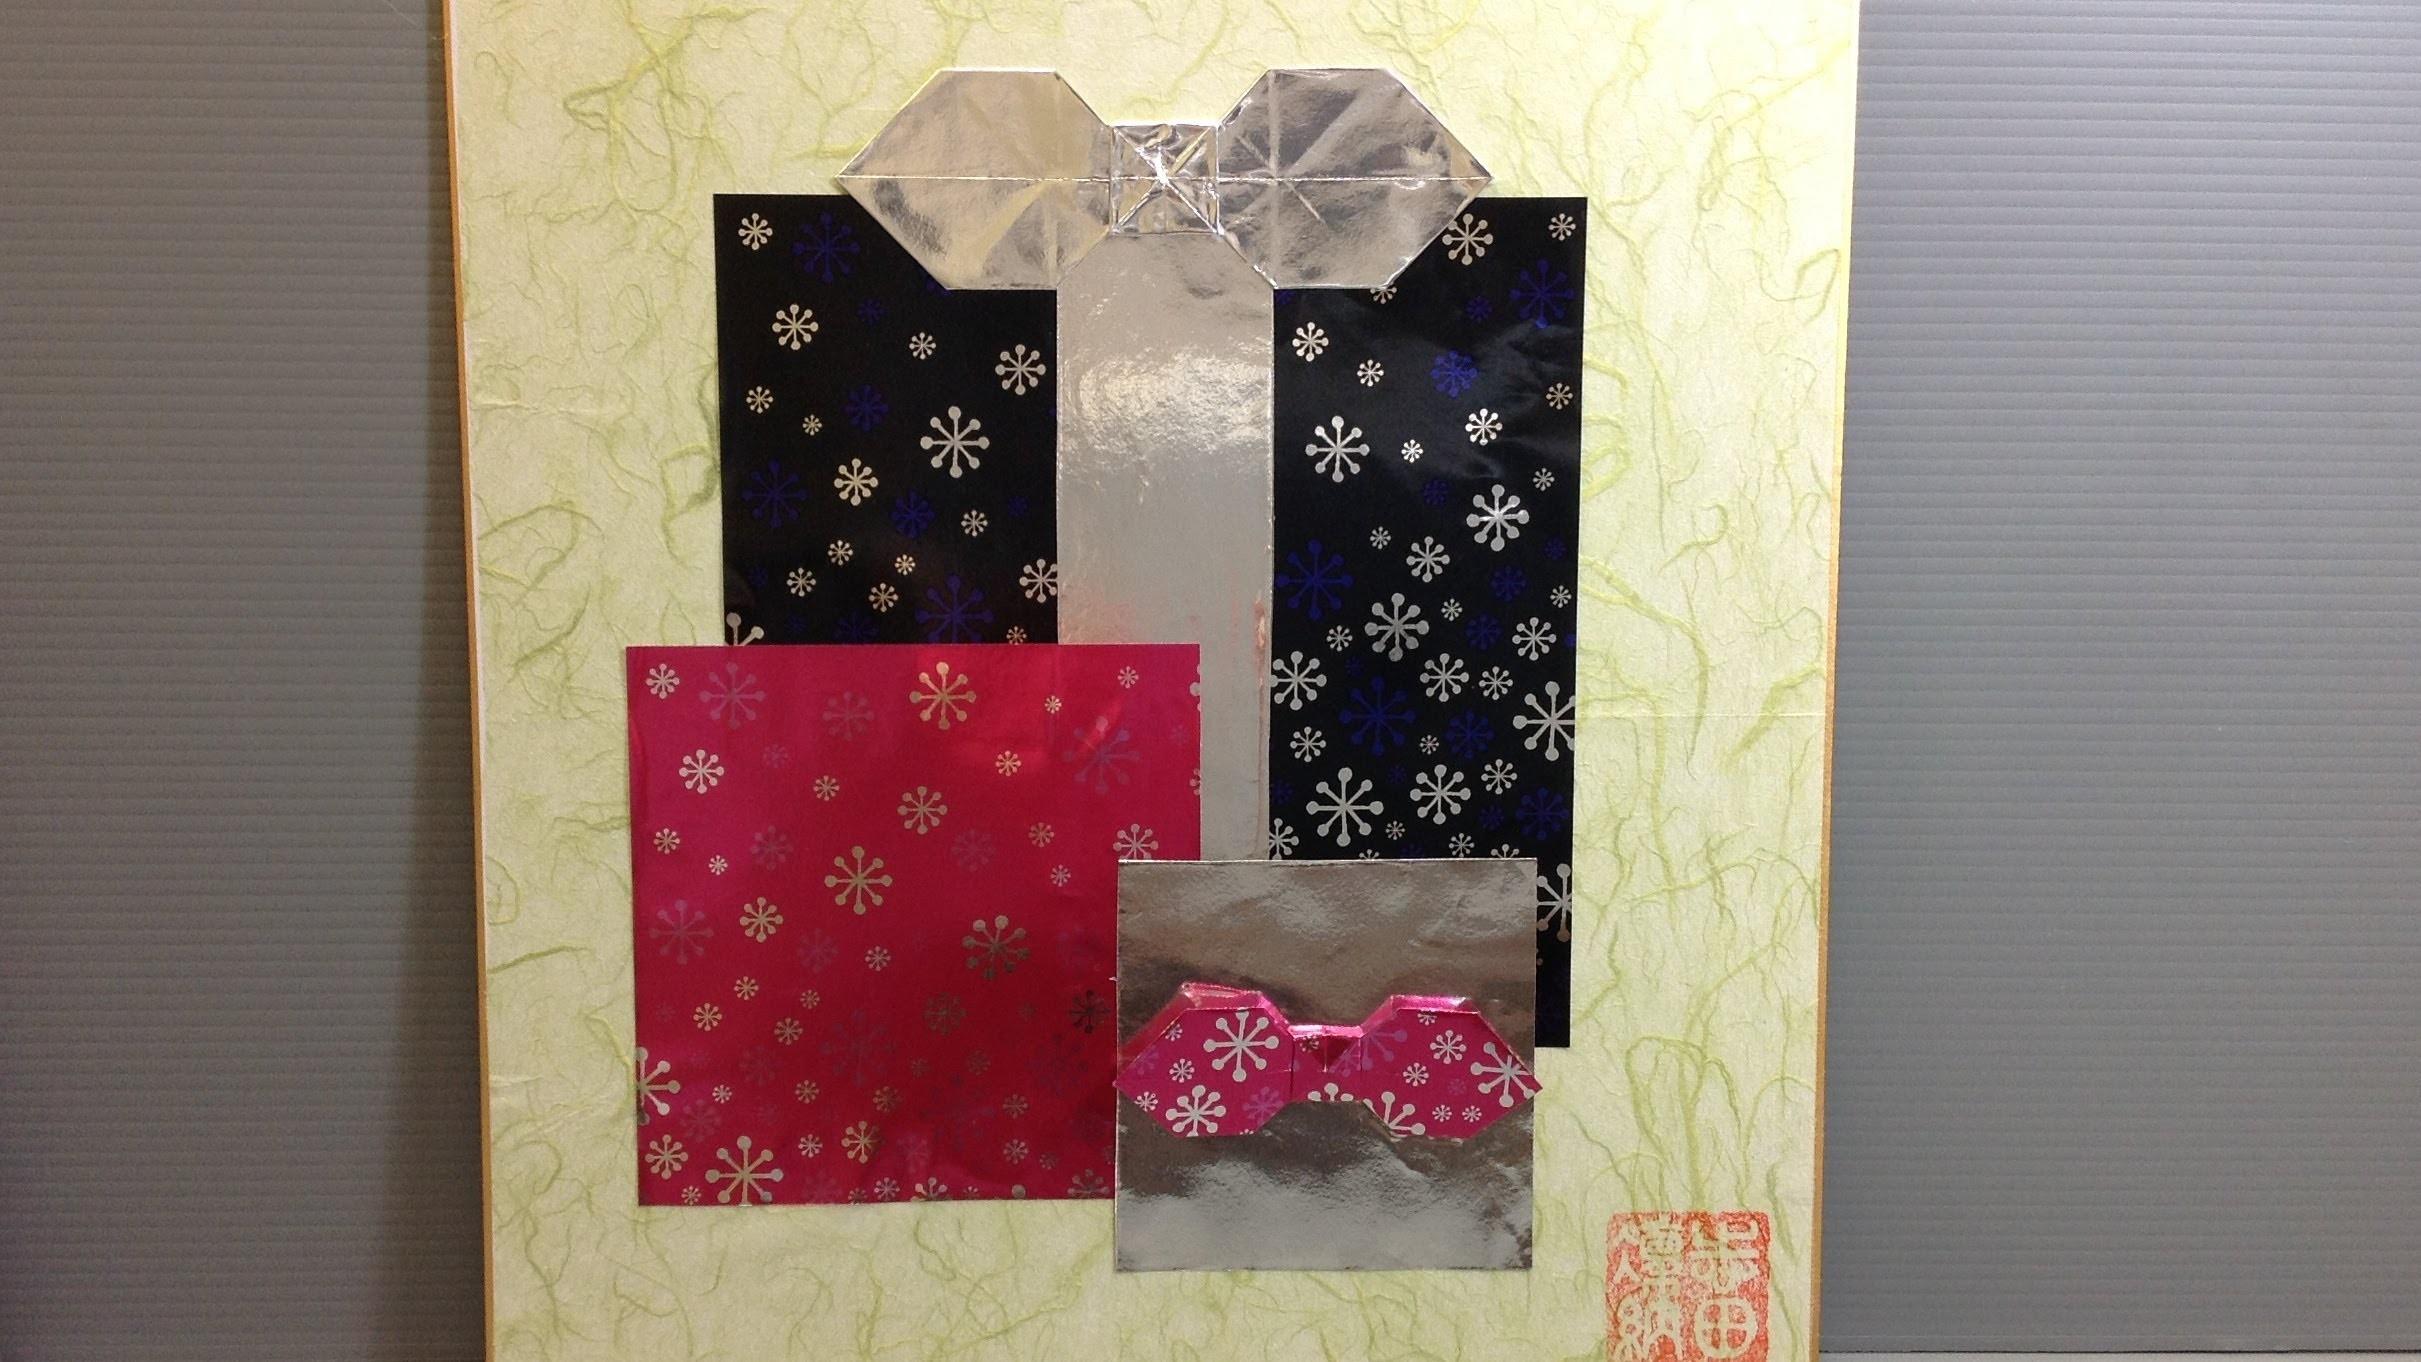 Origami Christmas Presents Display - How to Make Origami Shikishi